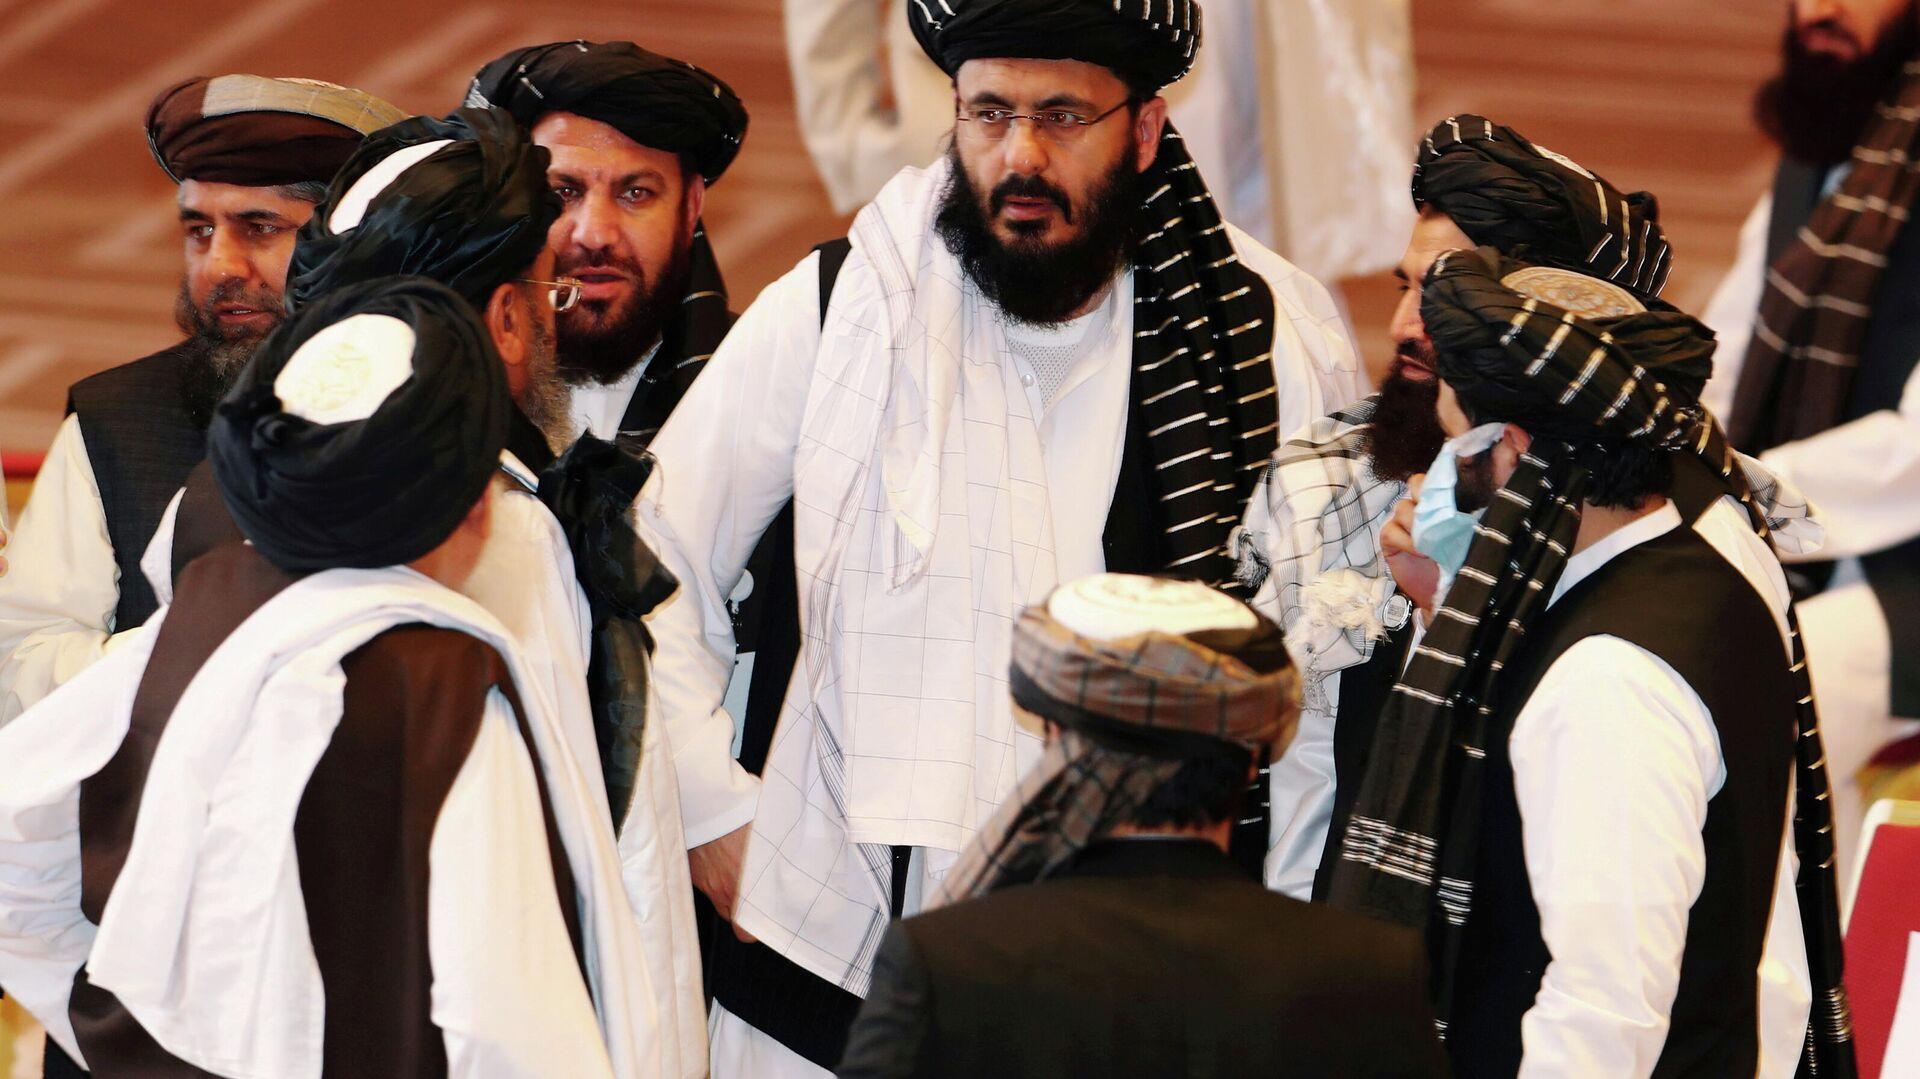 Vertreter der afghanischen Regierung und der Taliban-Bewegung verhandeln in Katar, Doha (Archivbild) - SNA, 1920, 06.07.2021